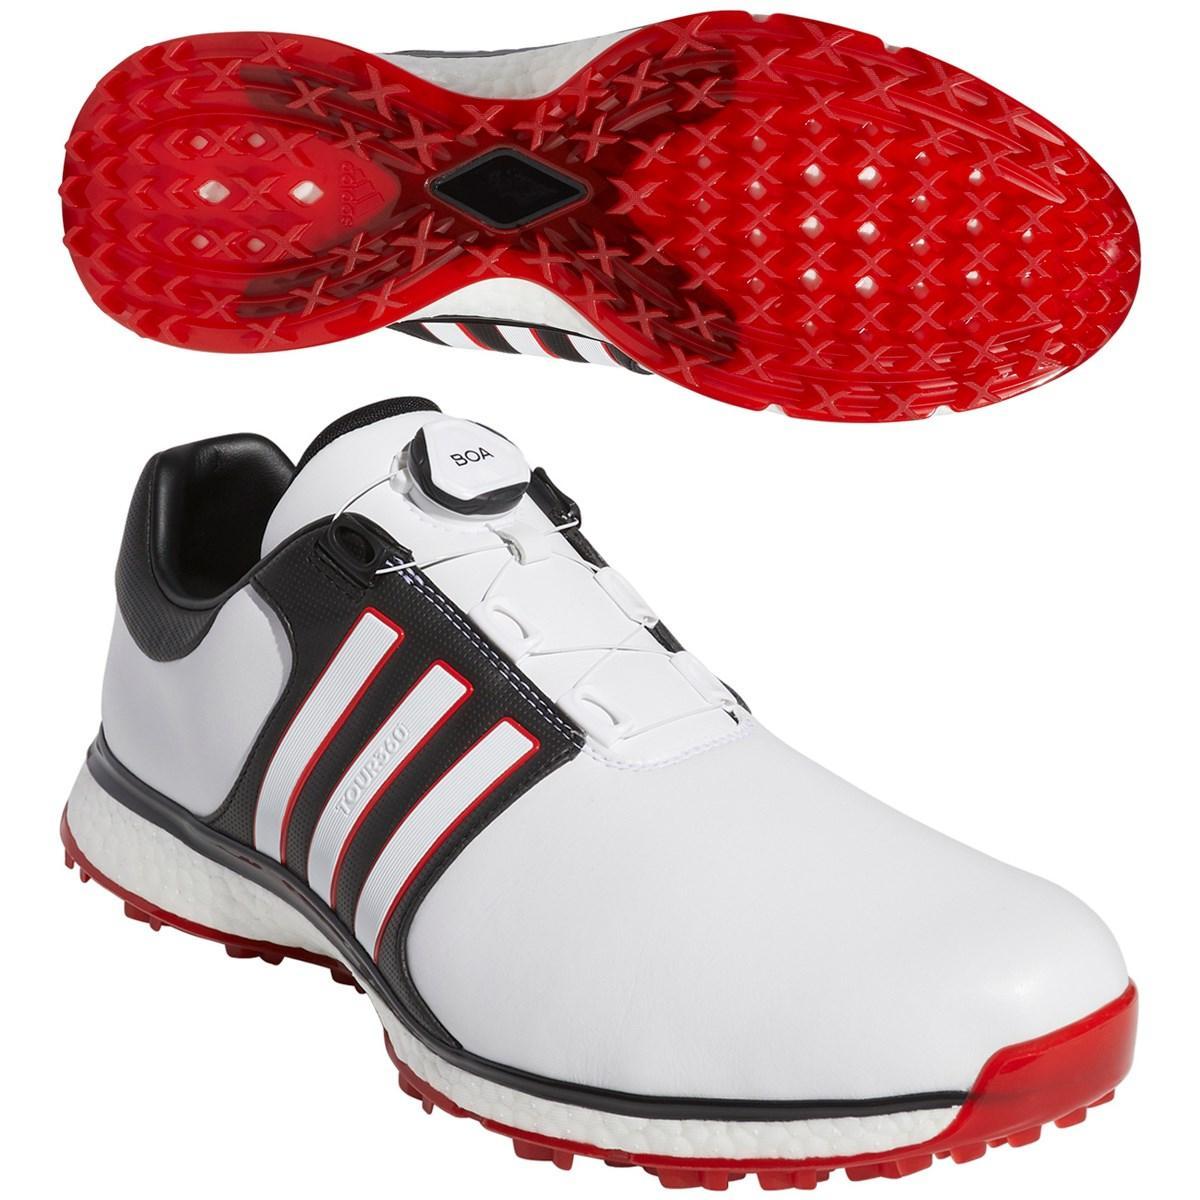 【4/14(日)までお得なクーポン配布中♪】アディダス Adidas ツアー360 XT スパイクレス ボア シューズ [0318coupon]